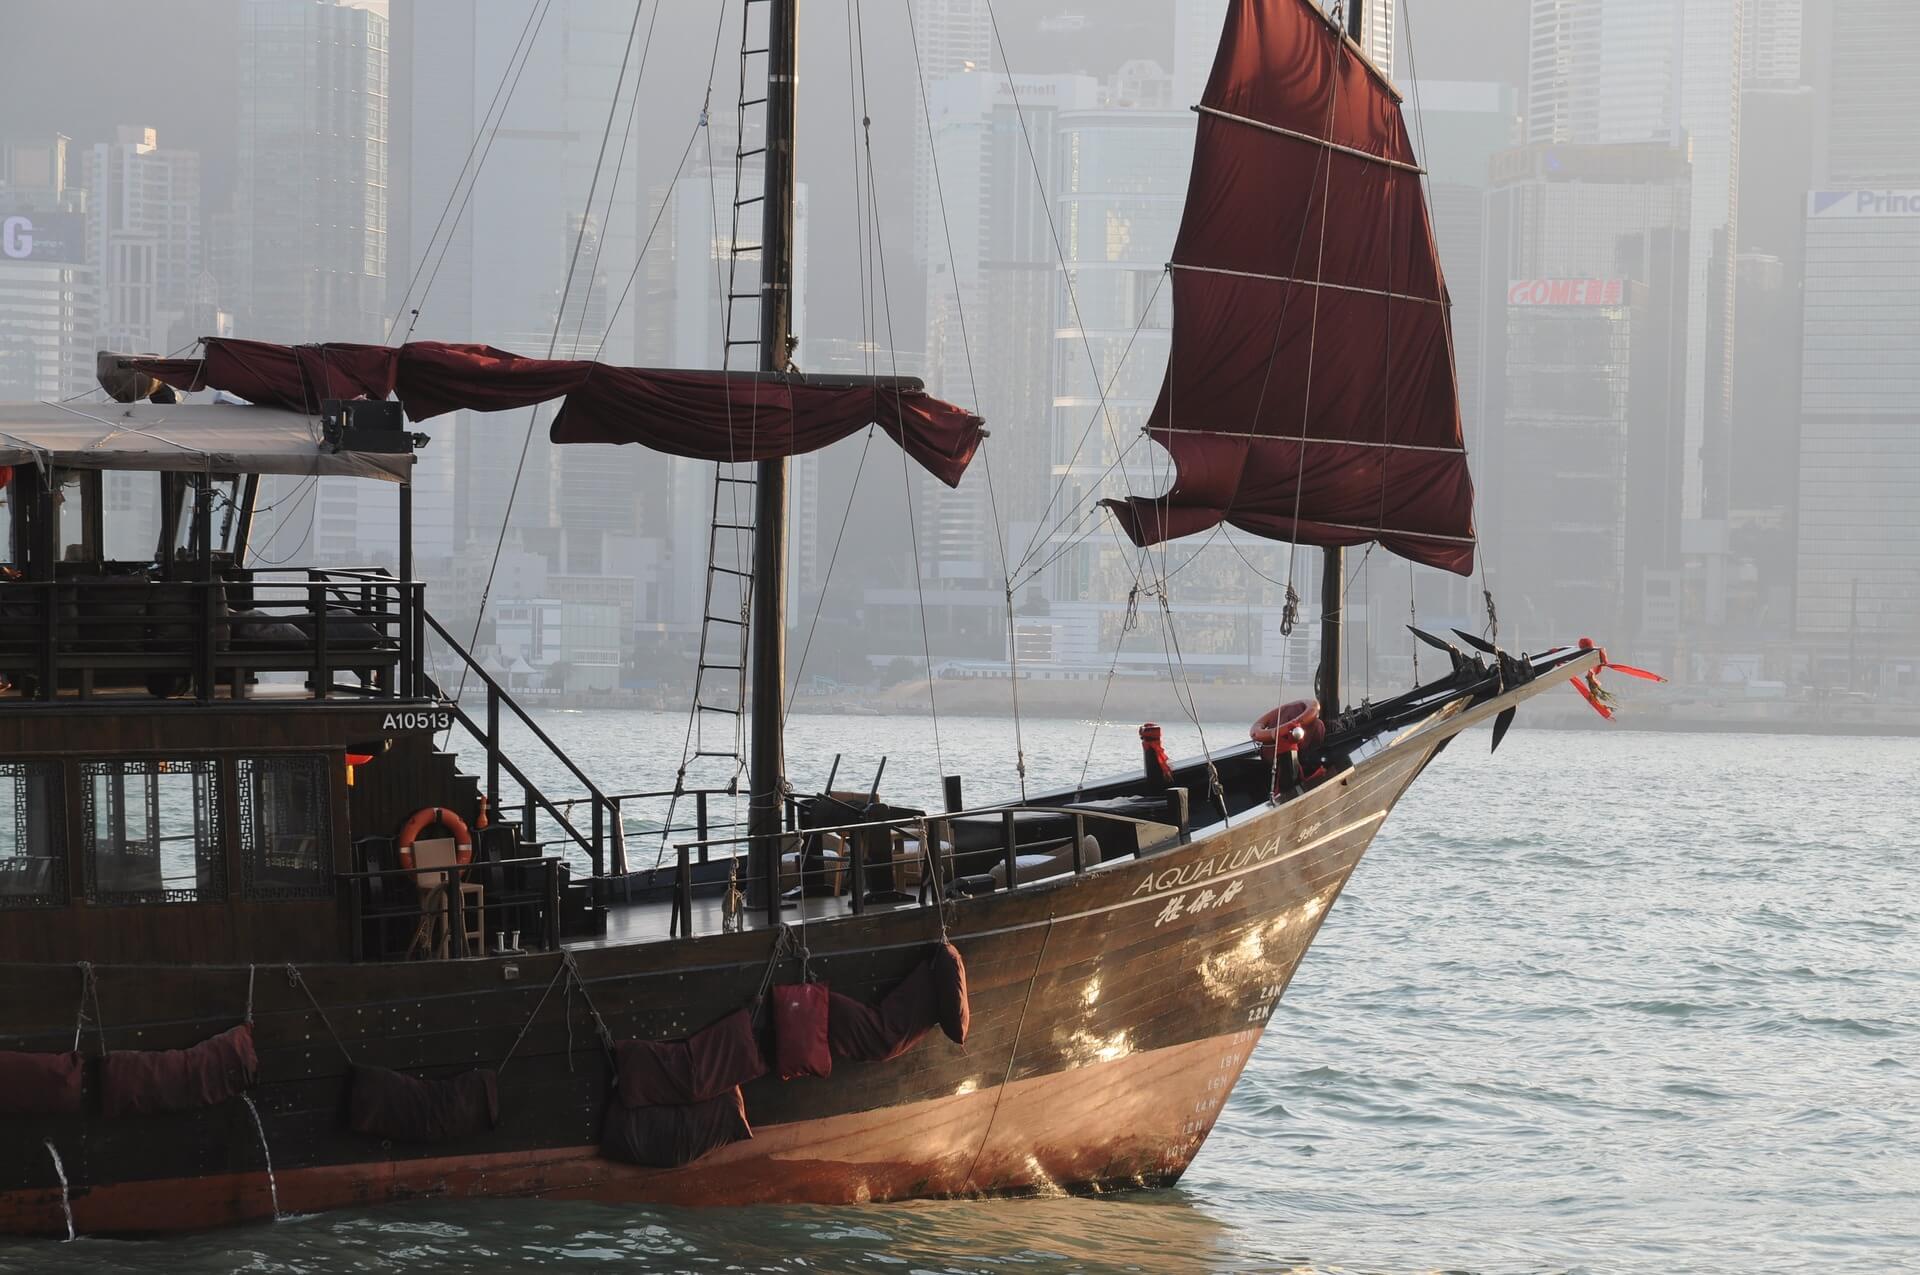 hong-kong-junk-boat-2644630_1920